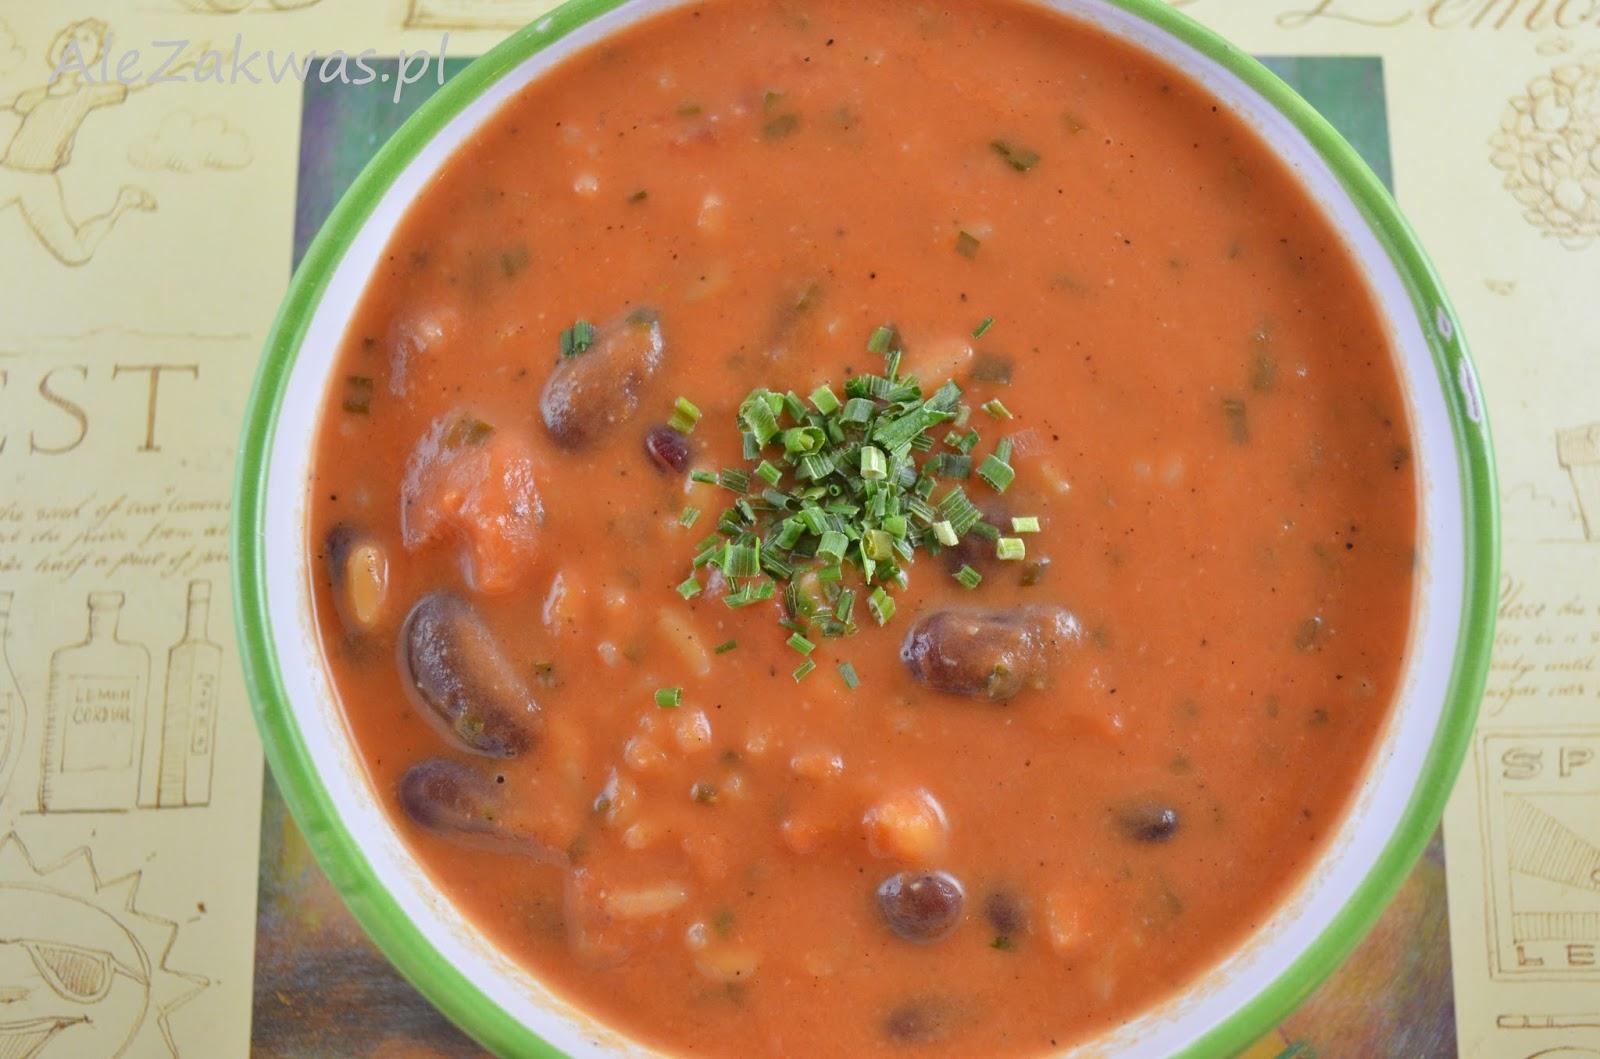 Ale Zakwas Ekspresowa Zupa Pomidorowa Z Ryżem Fasolą I Szczypiorkiem